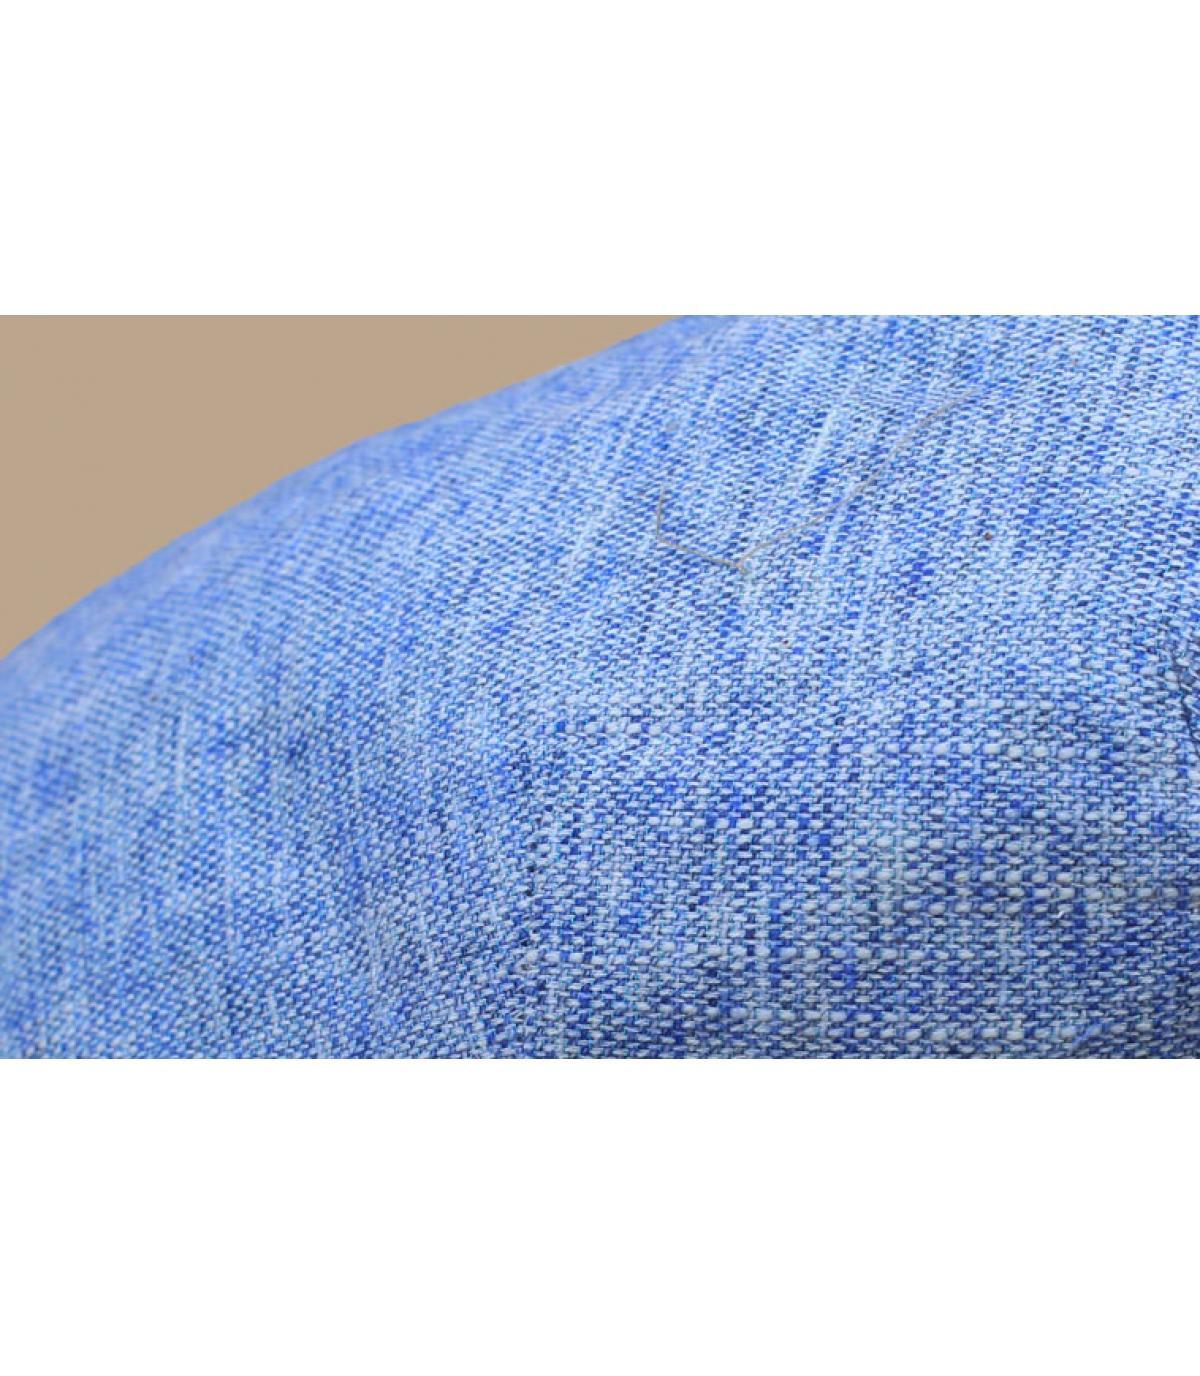 Detalles Rayan blue imagen 3